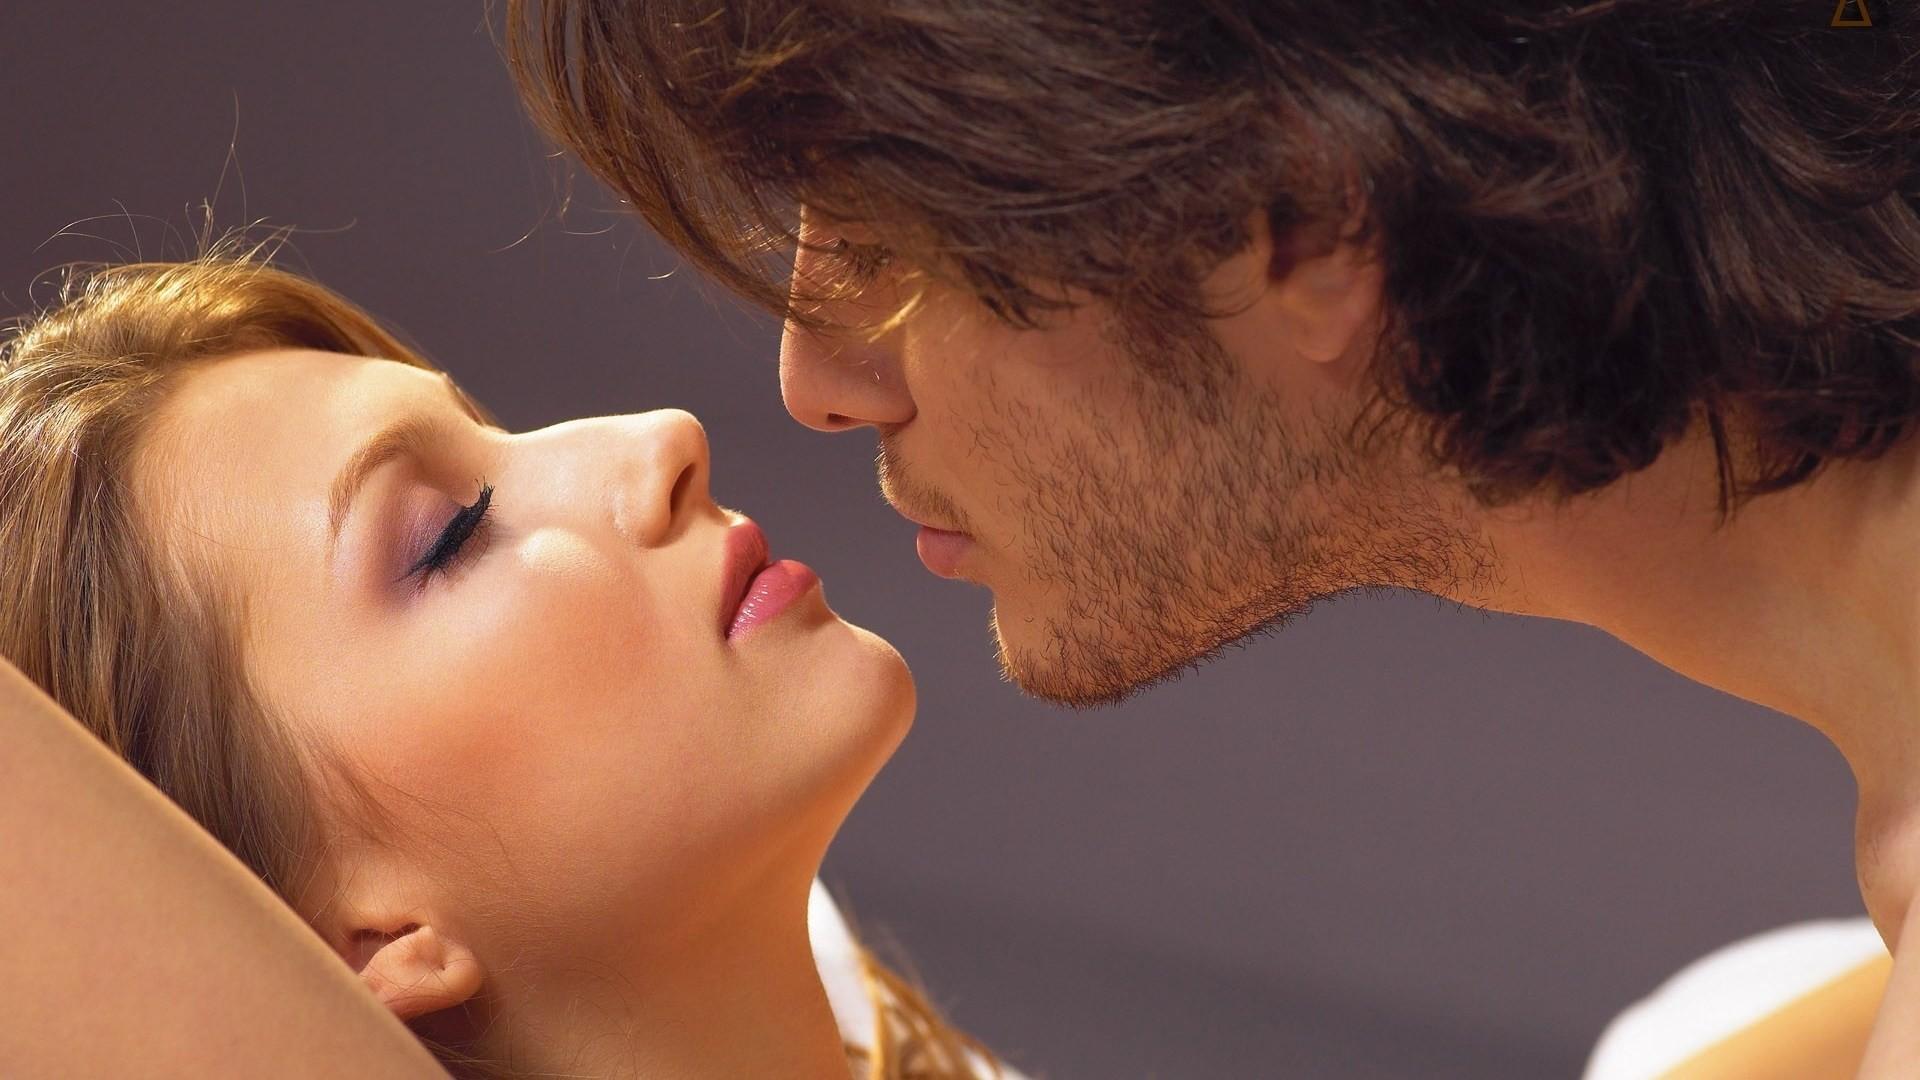 Поцелуй мужчины и женщины картинки прикольные